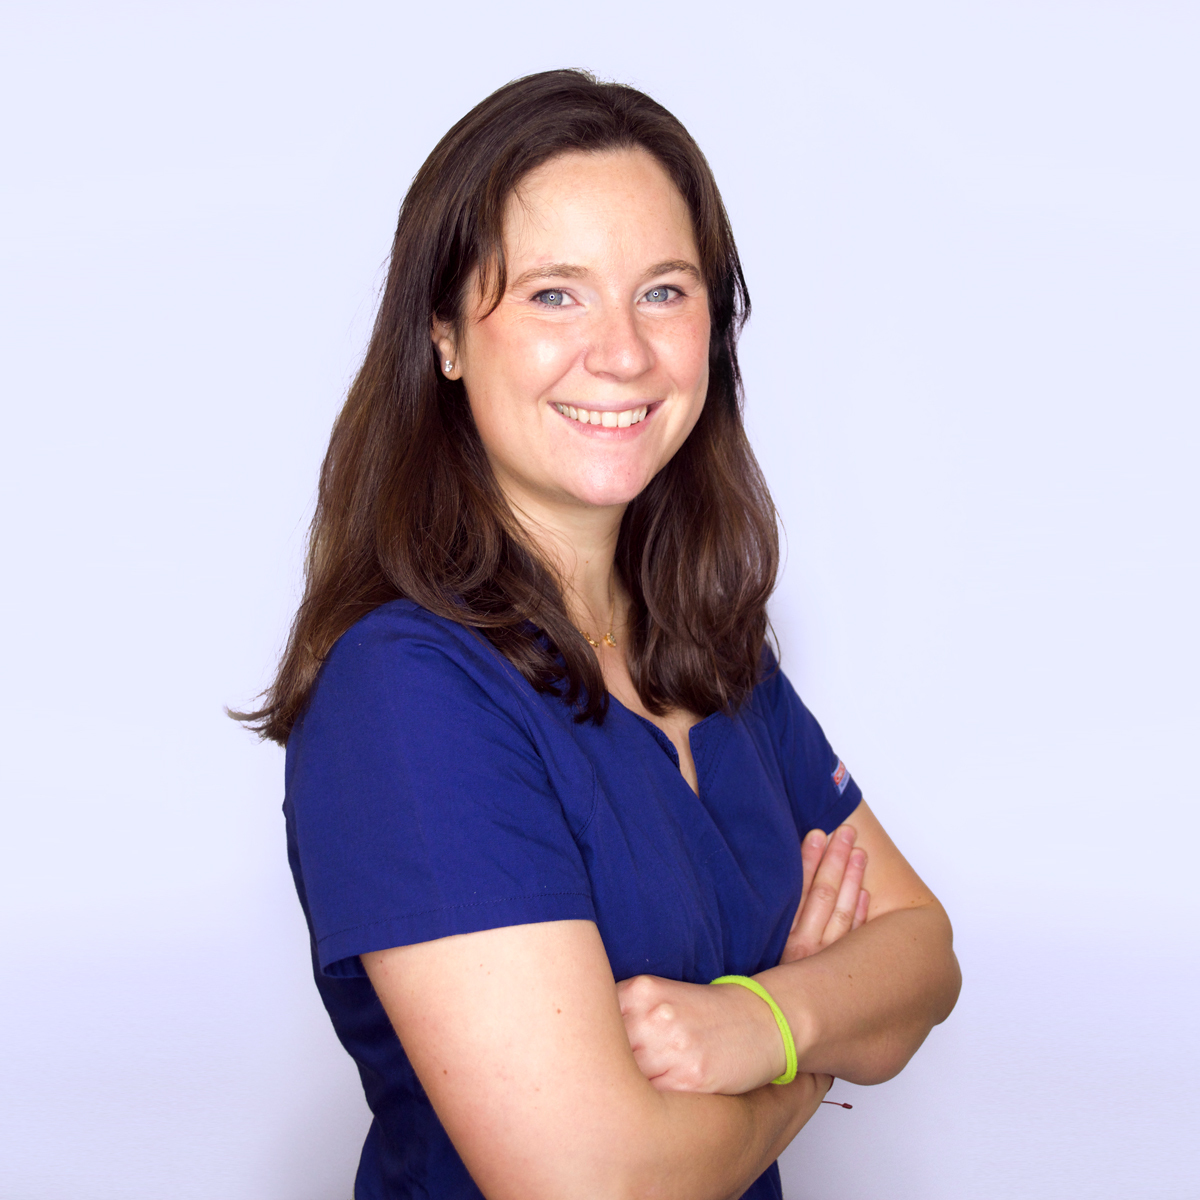 Dra. Almudena Herraiz